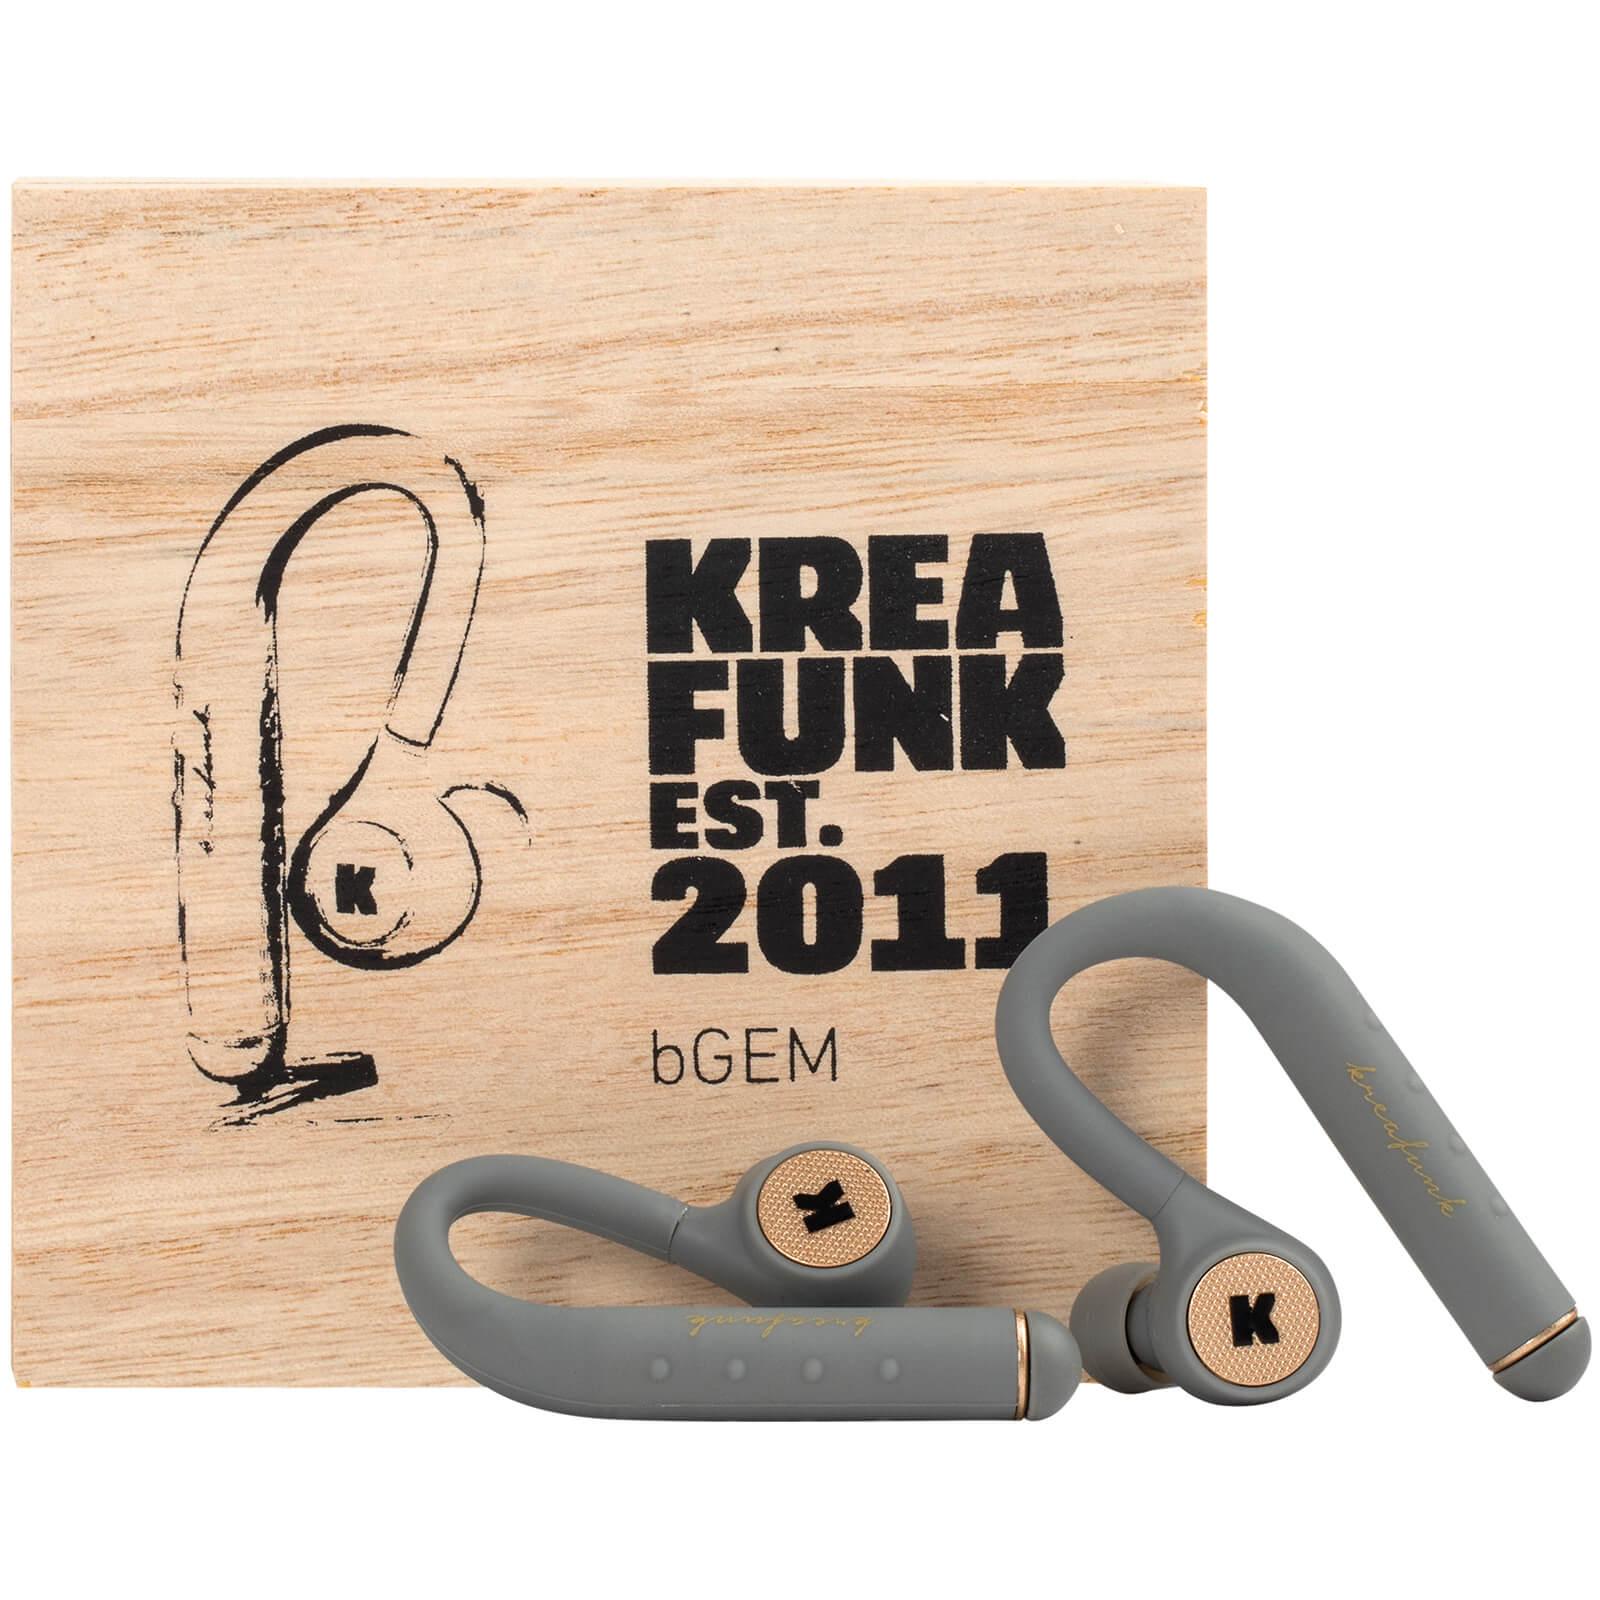 Kreafunk bGEM Bluetooth Wireless In-Ear Headphones - Cool Grey